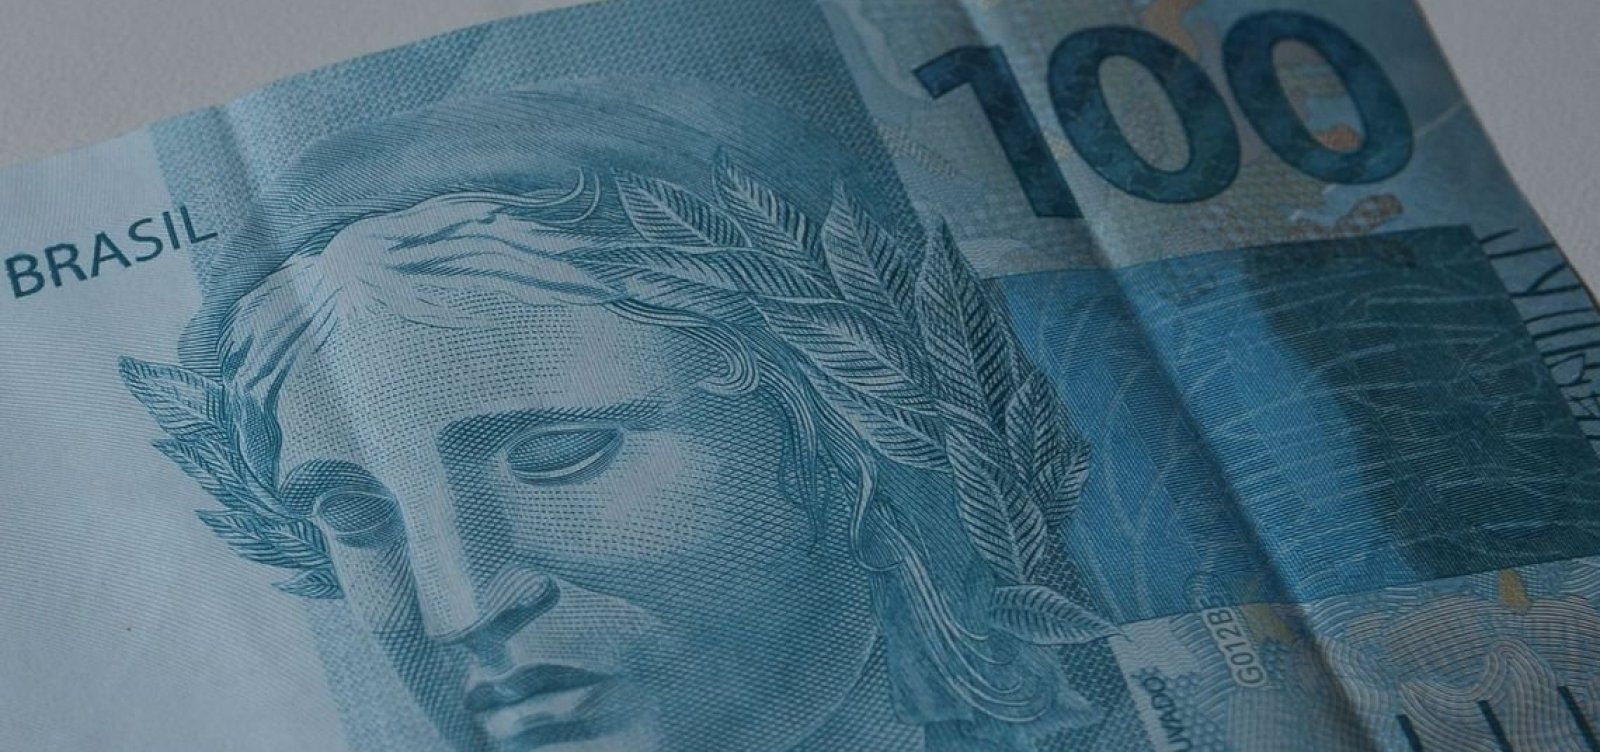 [Novo valor do salário mínimo deve ser fixado em R$ 1.039]